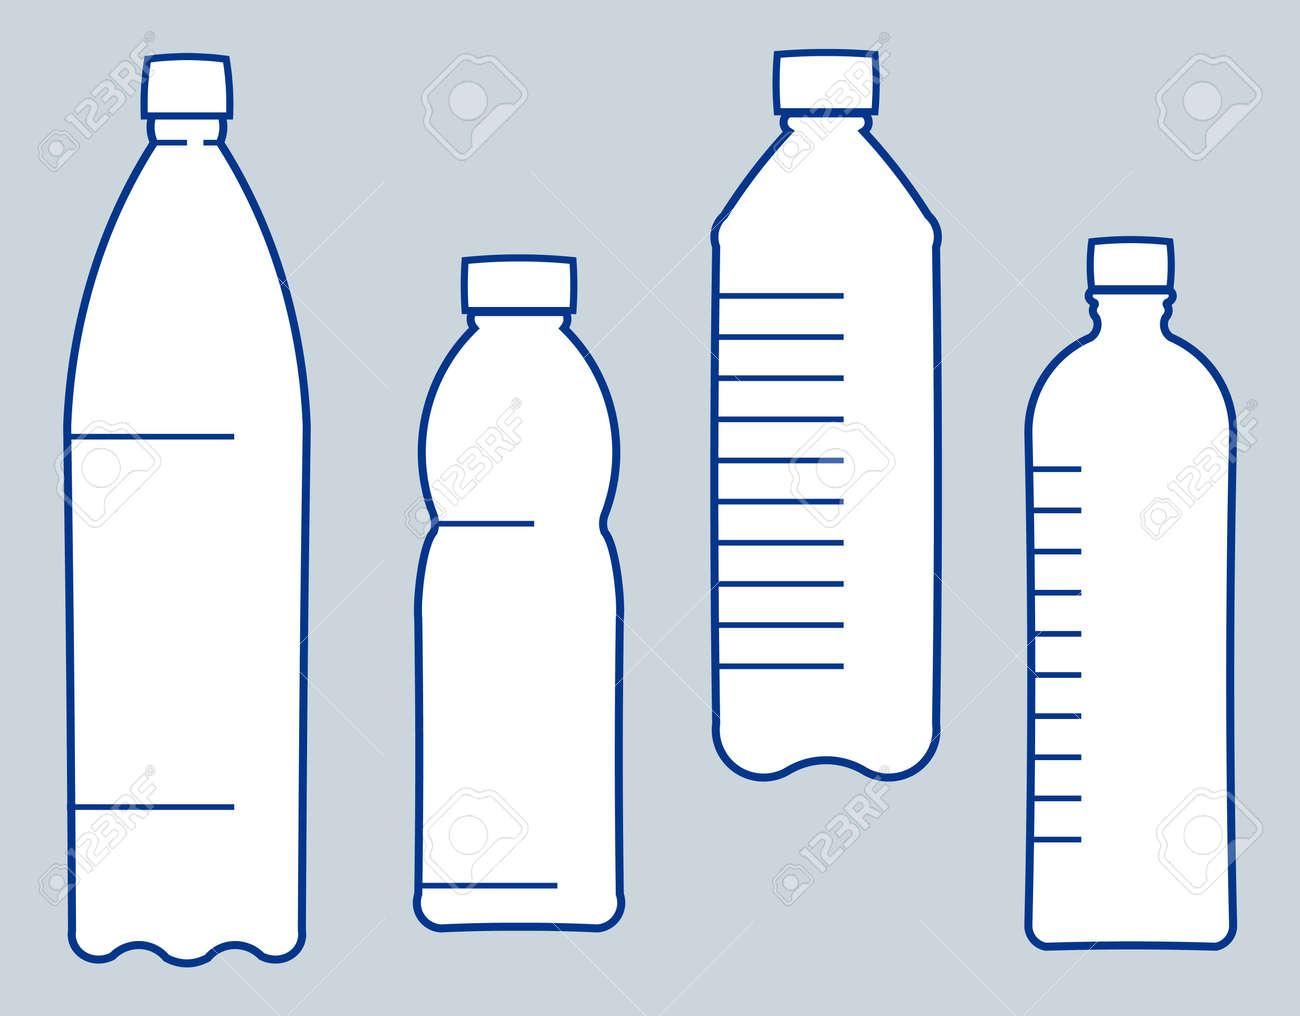 Plastic bottles. Vector illustration - 9667563